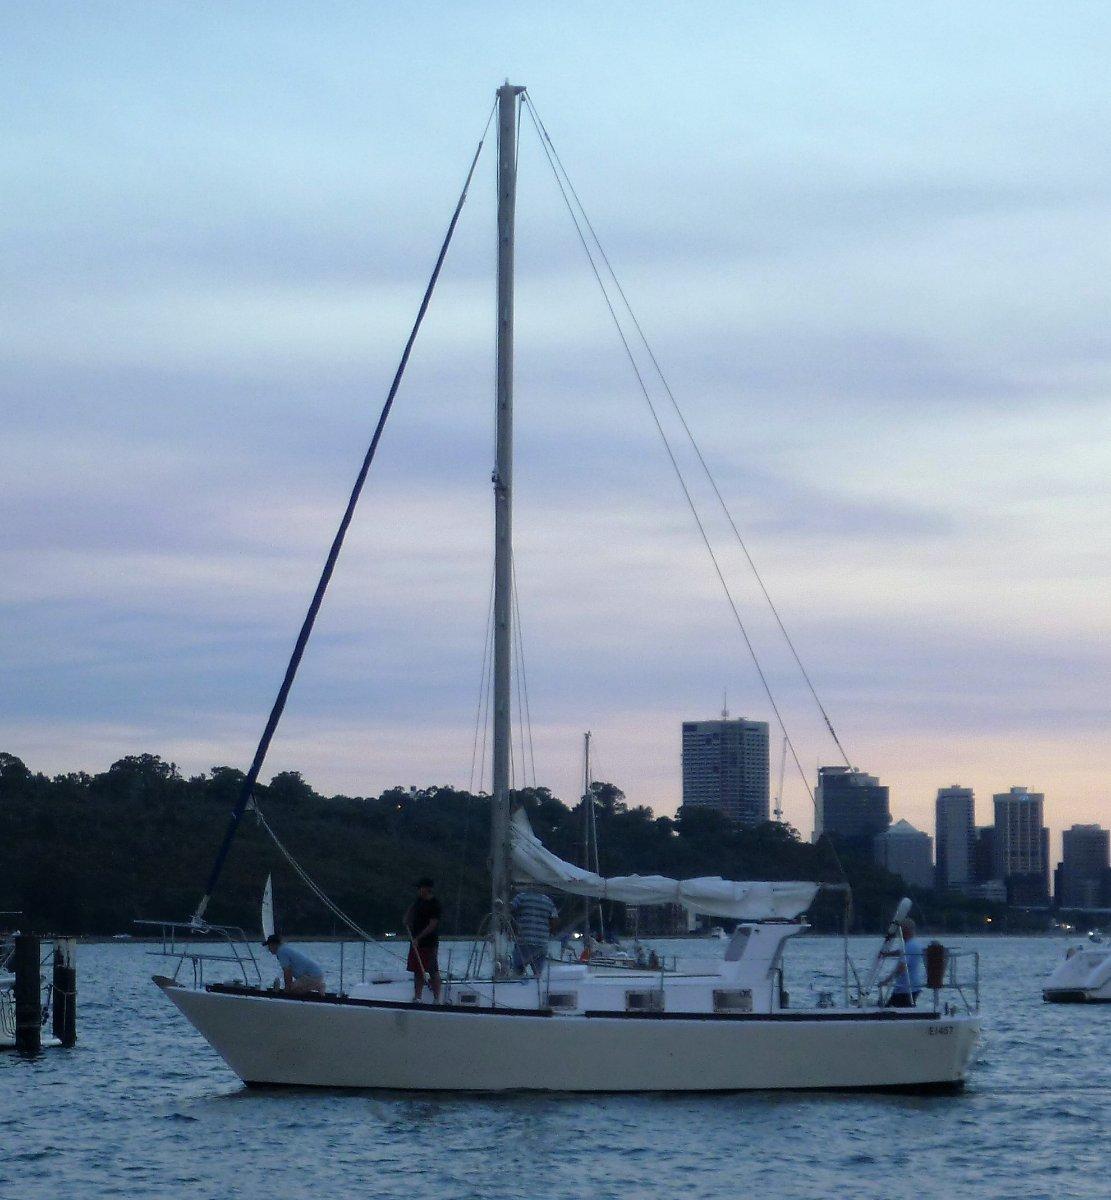 Boro 35ft Cruising Yacht 2011